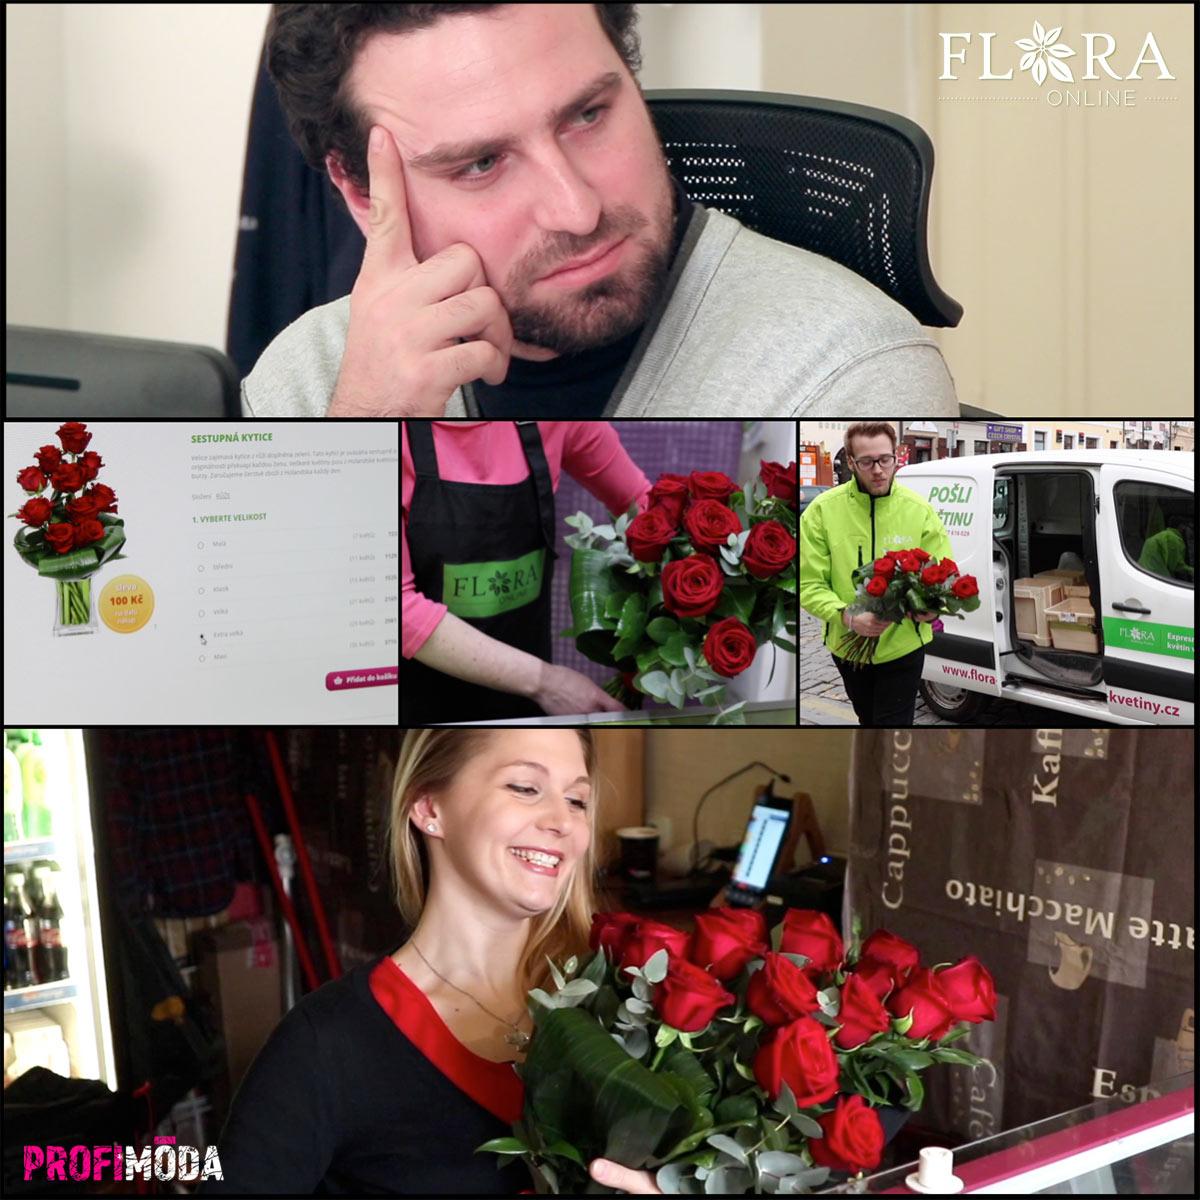 Doručení květin využijete i několikrát v roce. A je jedno, kam je potřebujete poslat. Služba Flora-online nabízí doručení v ten samý den kdekoliv po České republice a na většinu míst na Slovensku. Od pondělí do neděle, včetně svátků. V Praze dokonce expres do 60 minut od objednání.